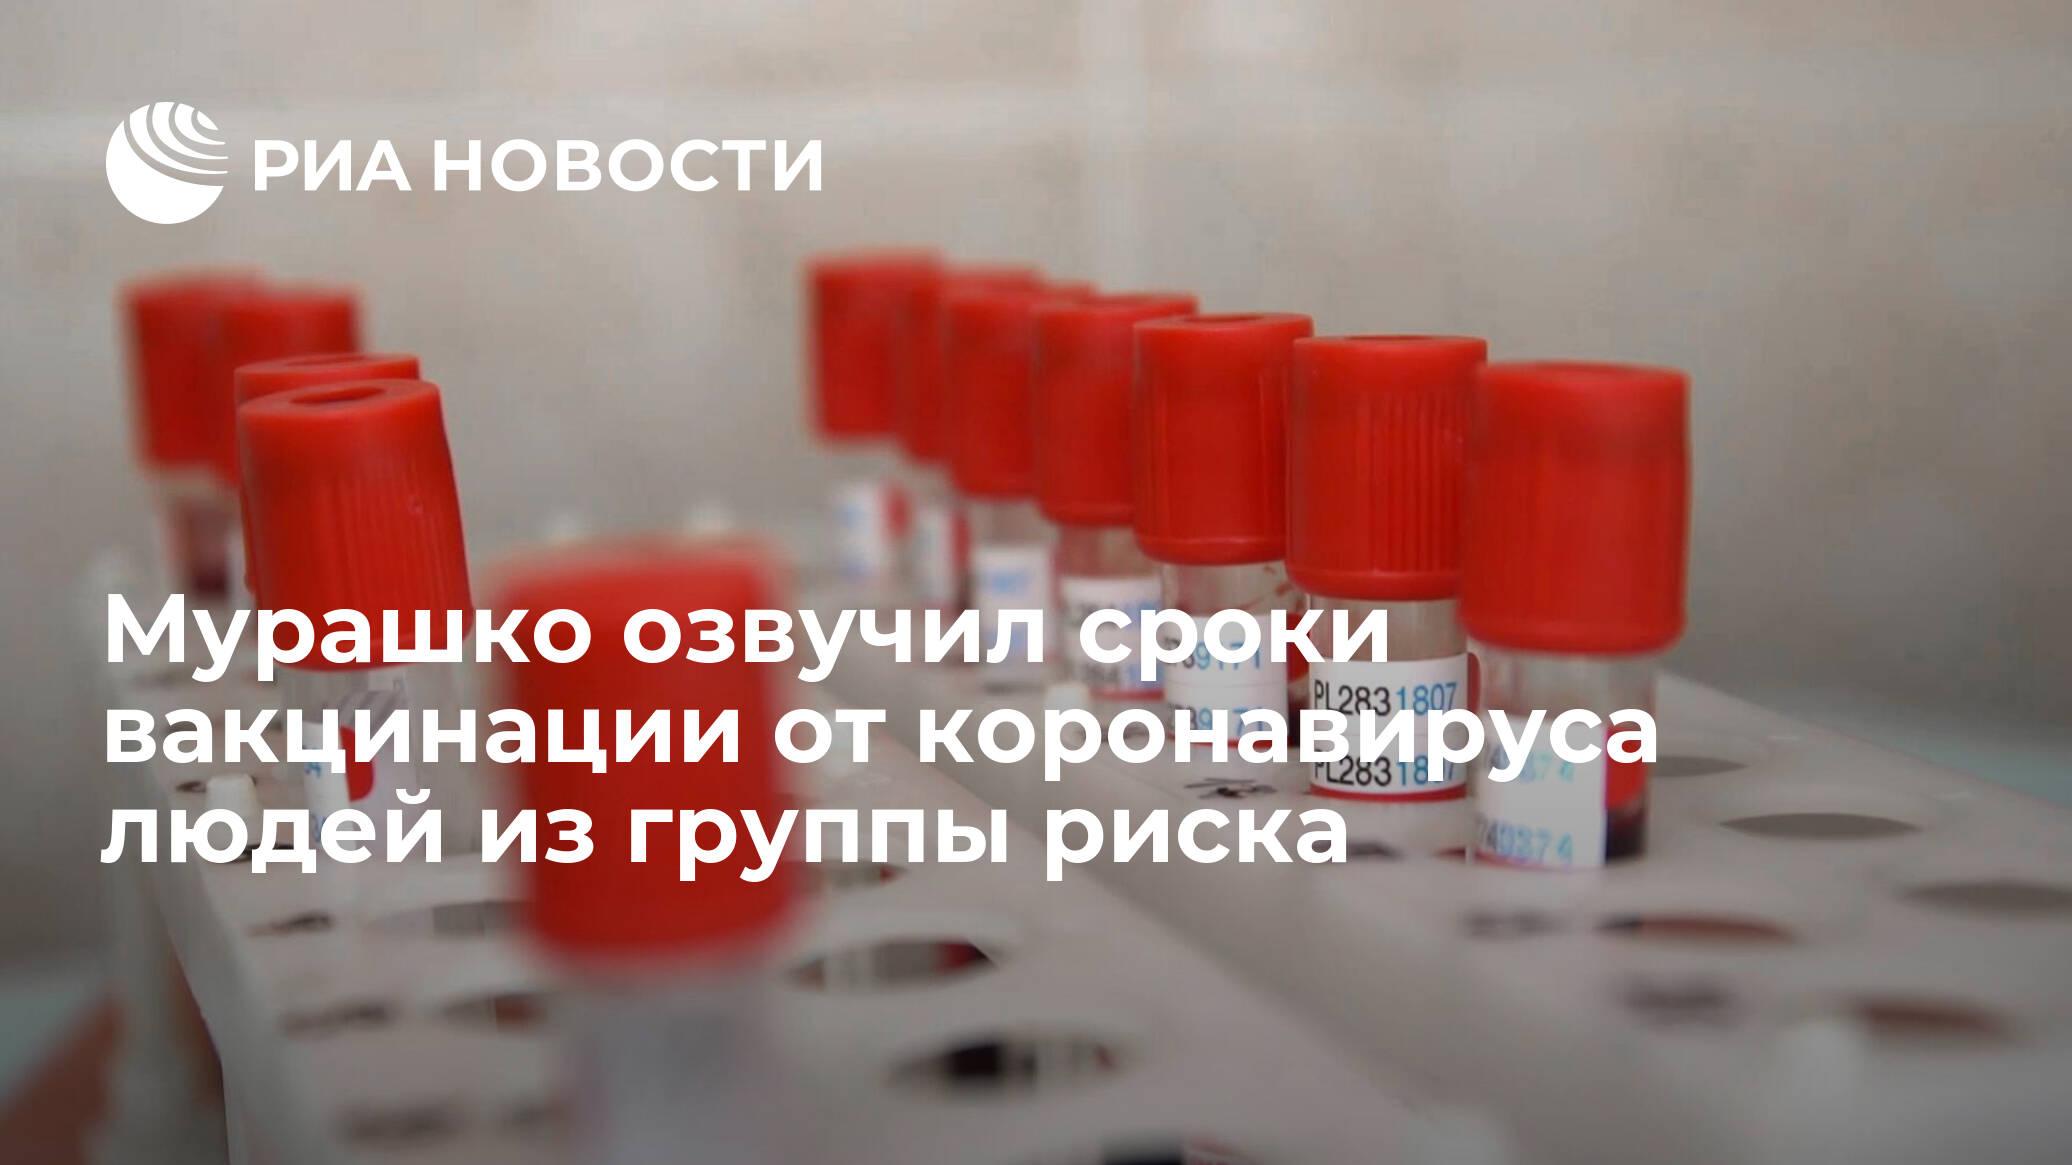 Мурашко озвучил сроки вакцинации от коронавируса людей из группы риска